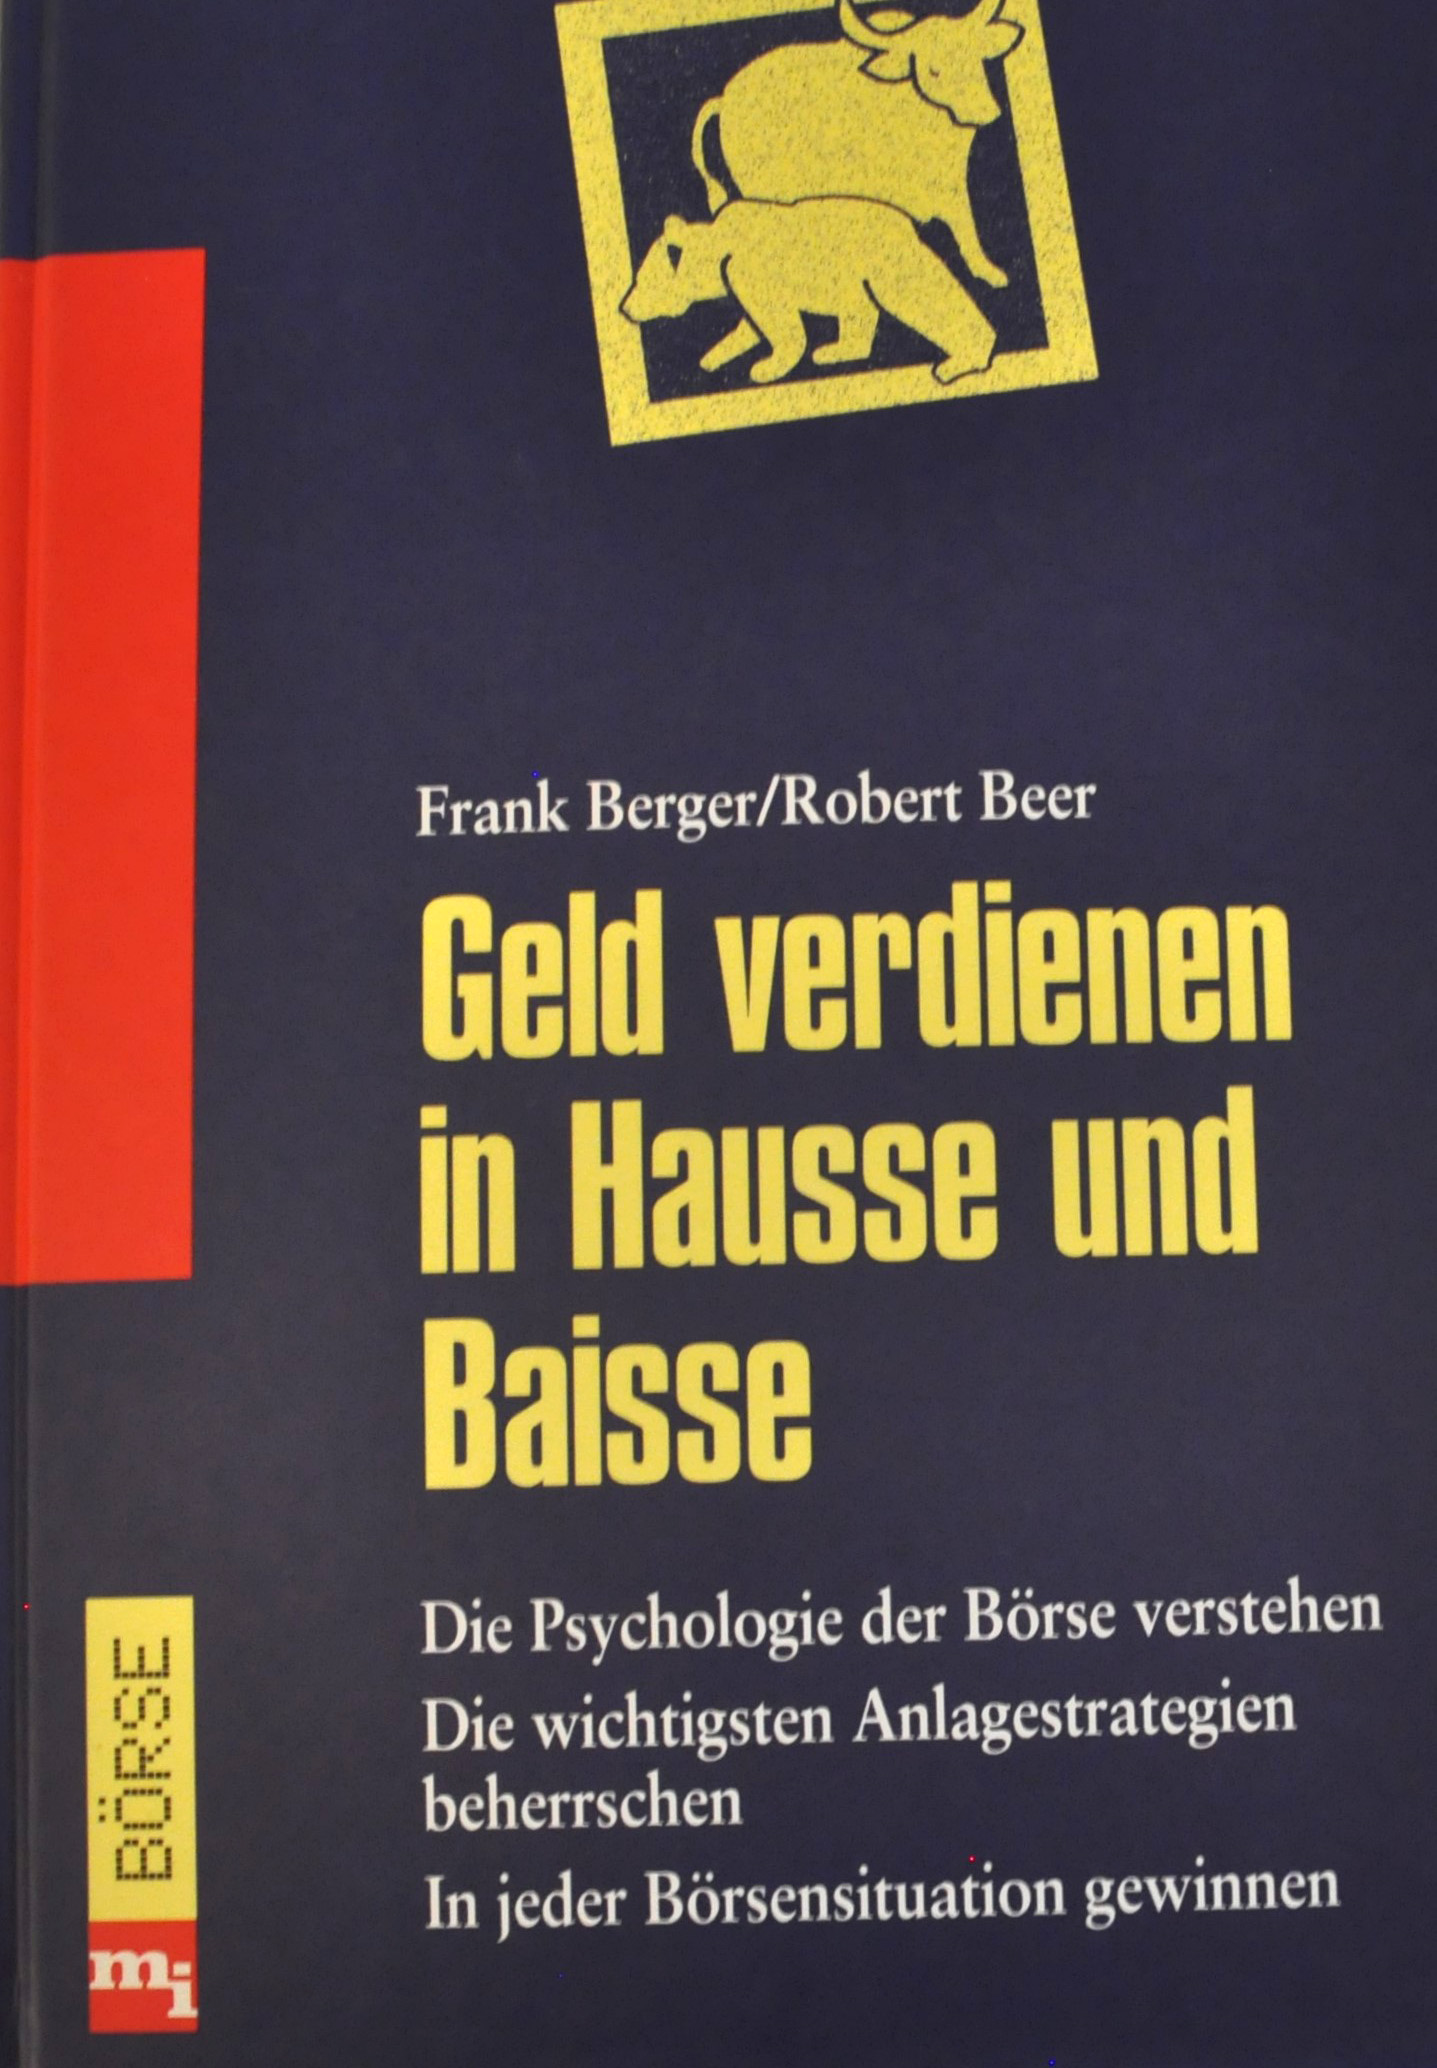 Frank Berger, Robert Beer: Geld verdienen in Hausse und Baisse (Buch)